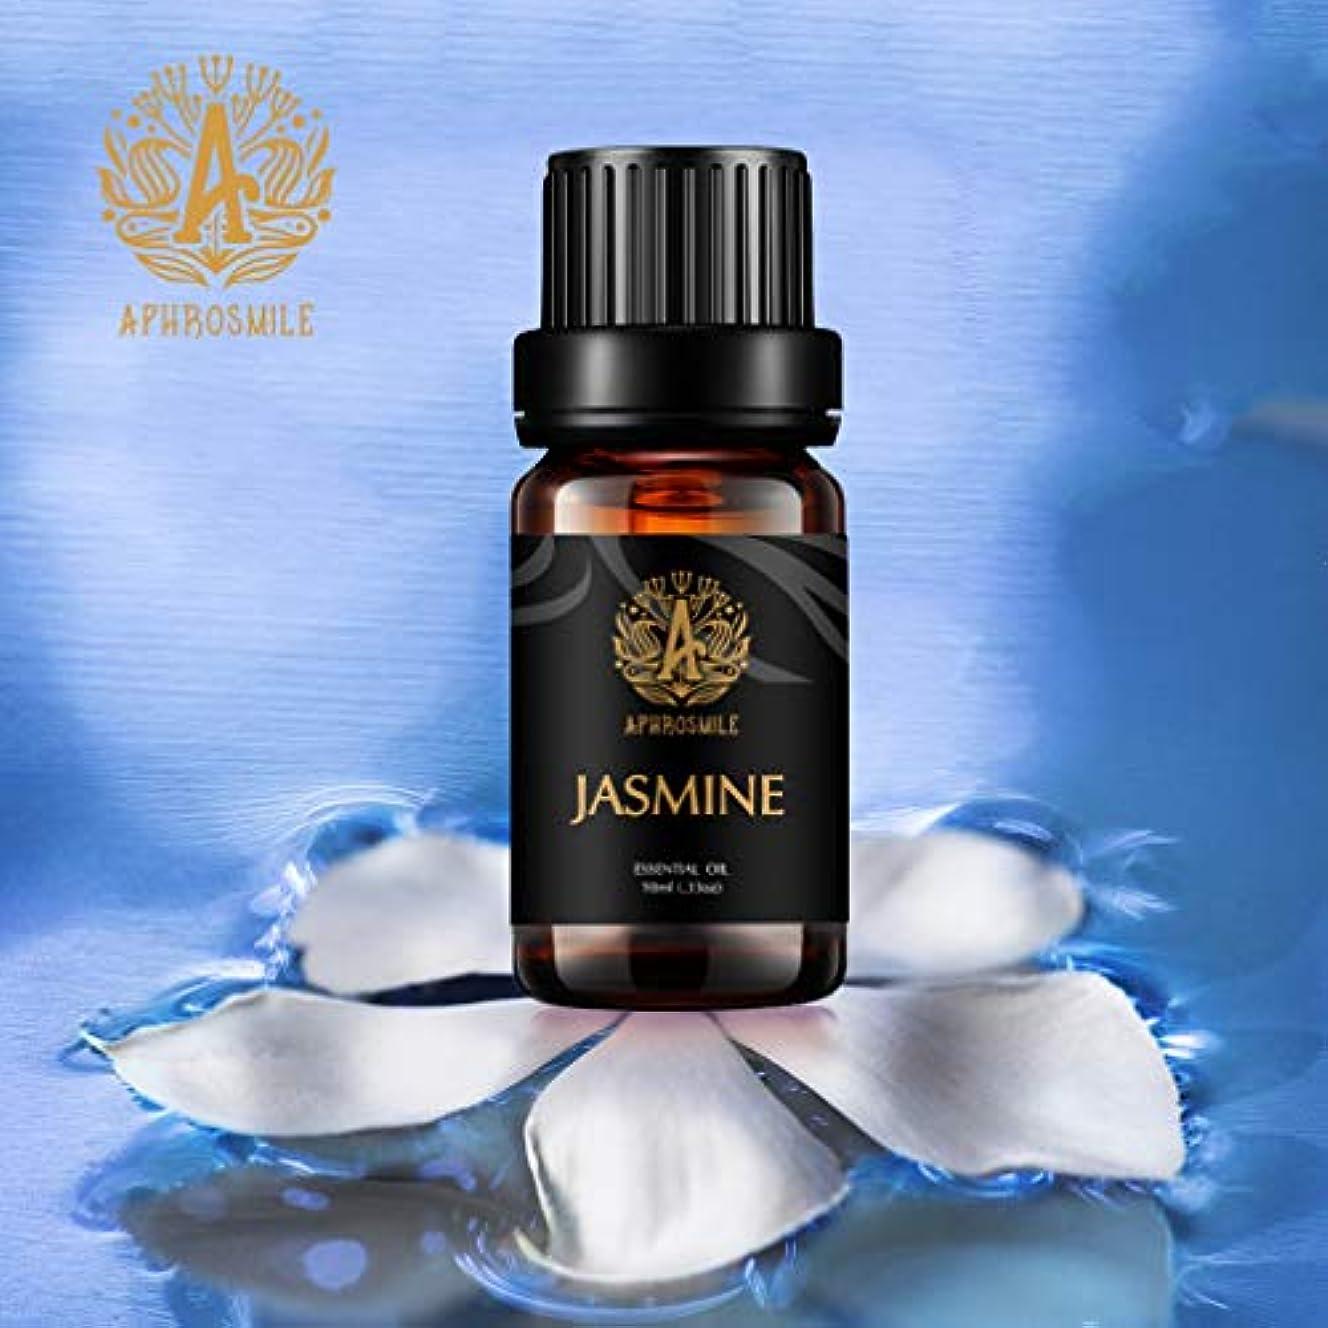 彼女おばさんオンジャスミンエッセンシャルオイル、100%純粋なアロマセラピーエッセンシャルオイルジャスミンの香りと甘い花の香り、治療上の等級の精油のジャスミンの芳香為に拡散器、マッサージ、加湿器、毎日の心配、0.33オンス-10ml